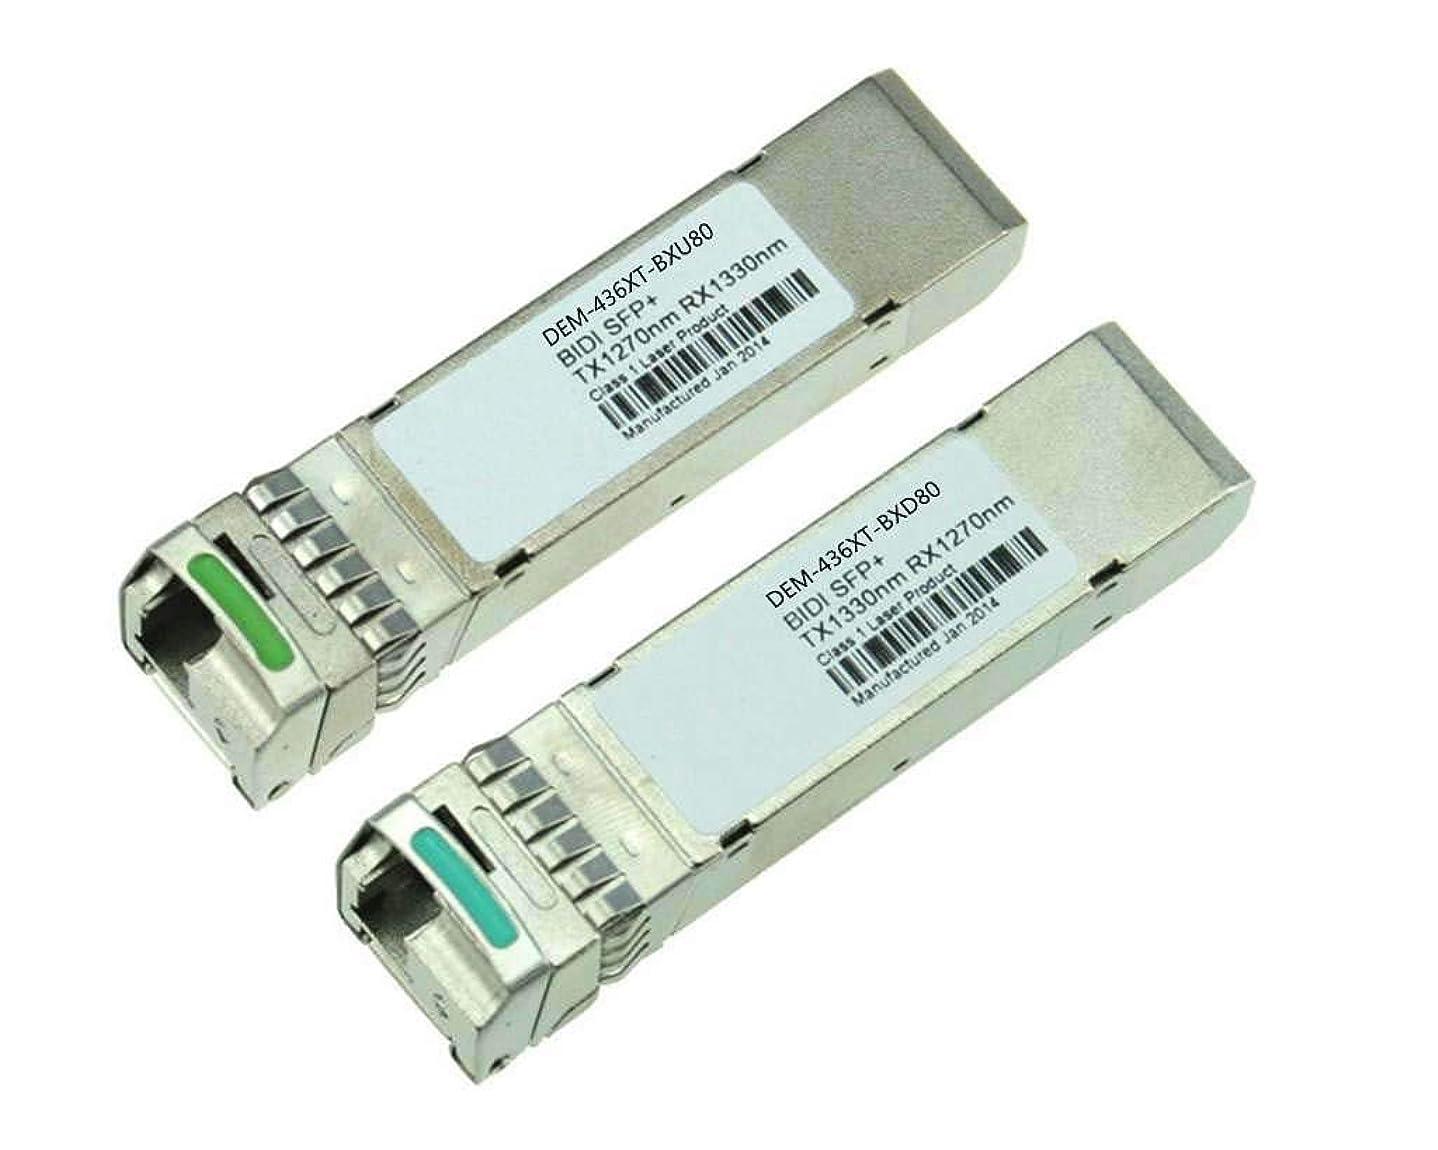 コーン嵐小麦LODFIBER DEM-SFP10G-BXU80/DEM-SFP10G-BXD80 D-LINK対応互換 10G 1270/1330nm Pair of BIDI 80km SFP+ トランシーバ モジュール